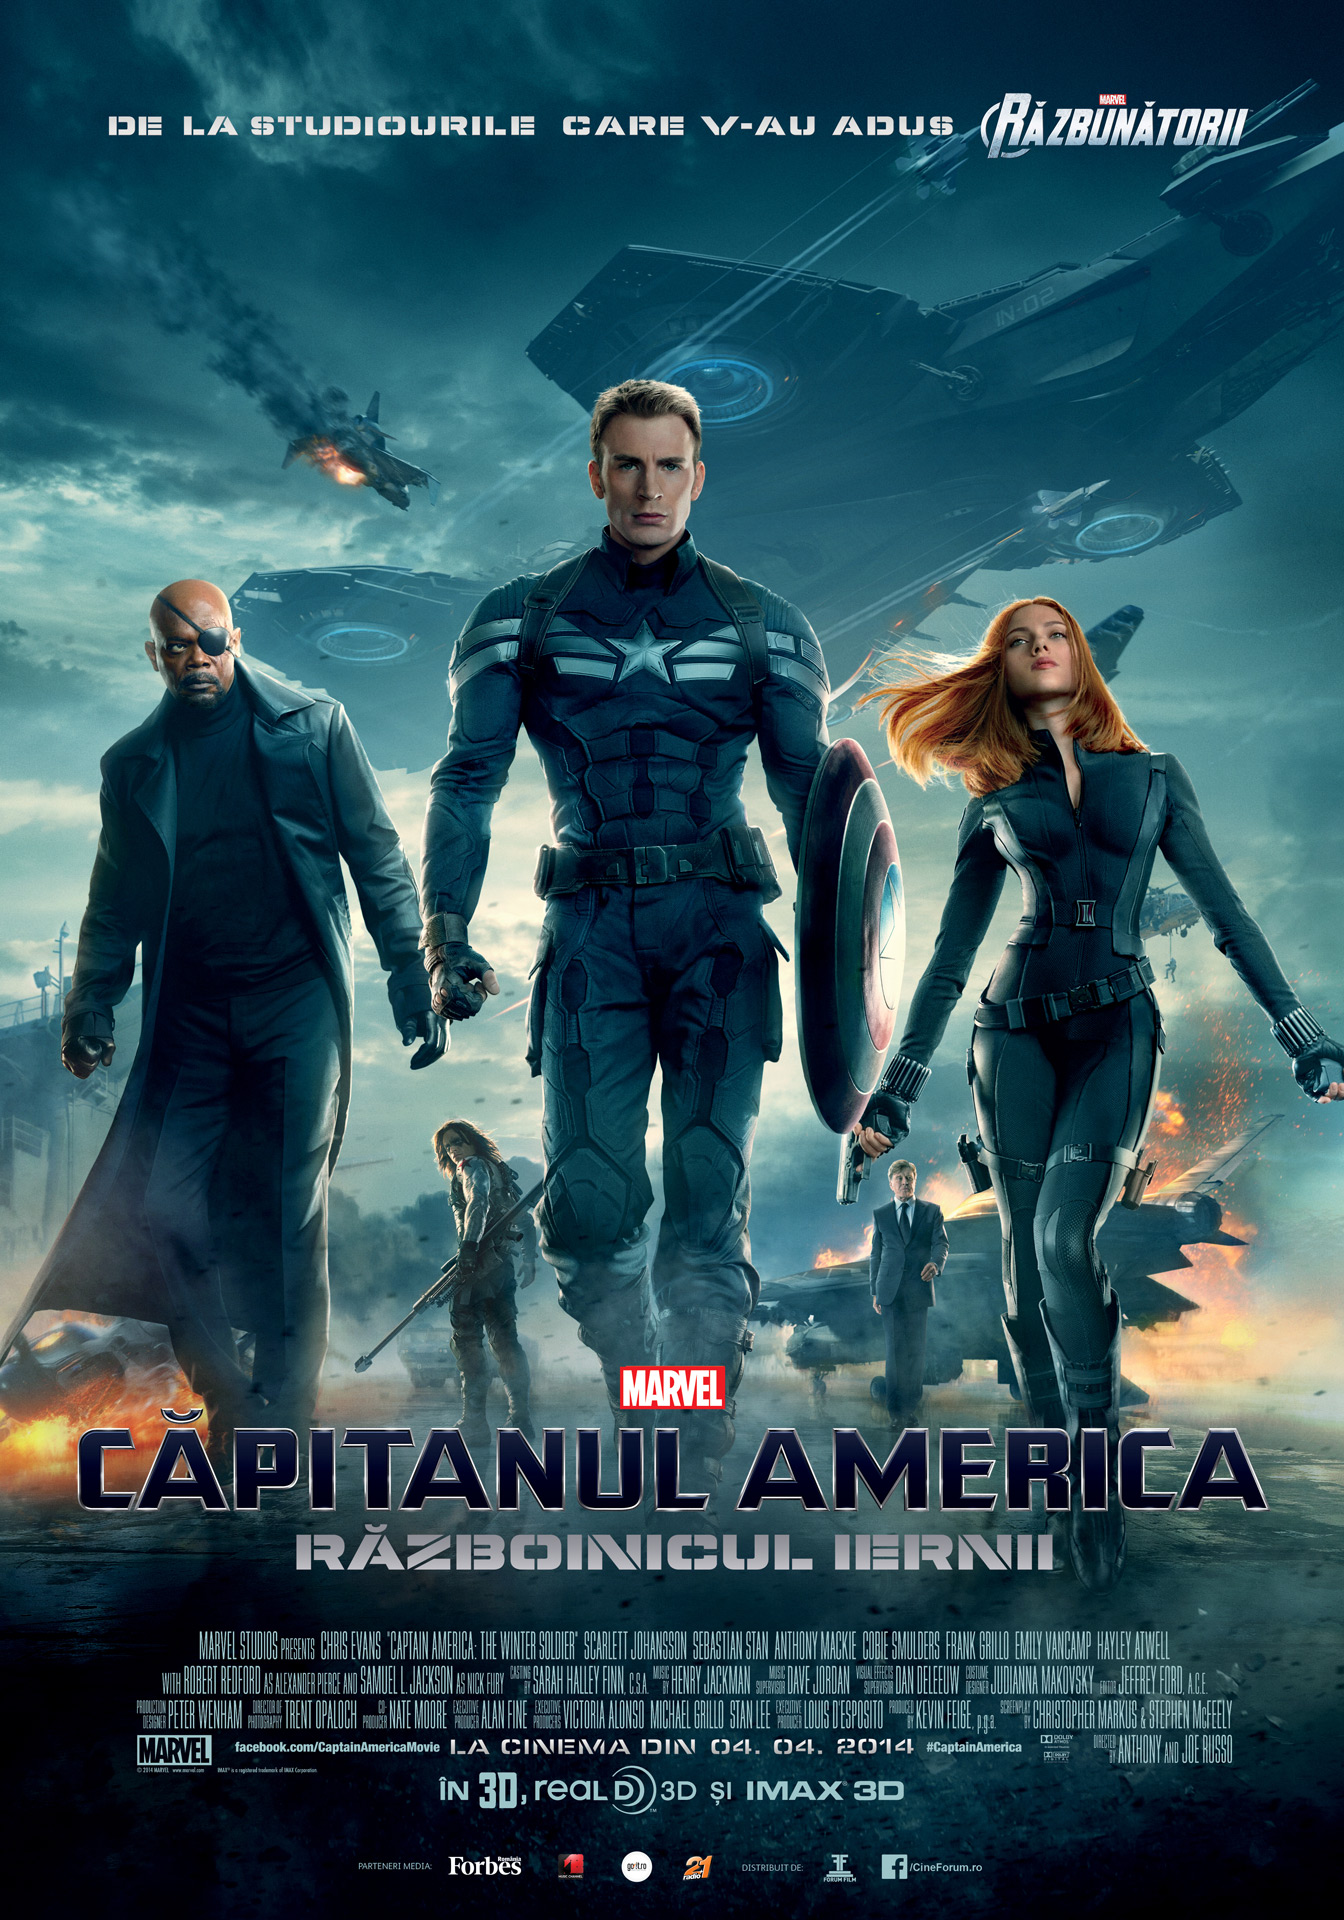 Capitanul America: Razboinicul iernii 3D